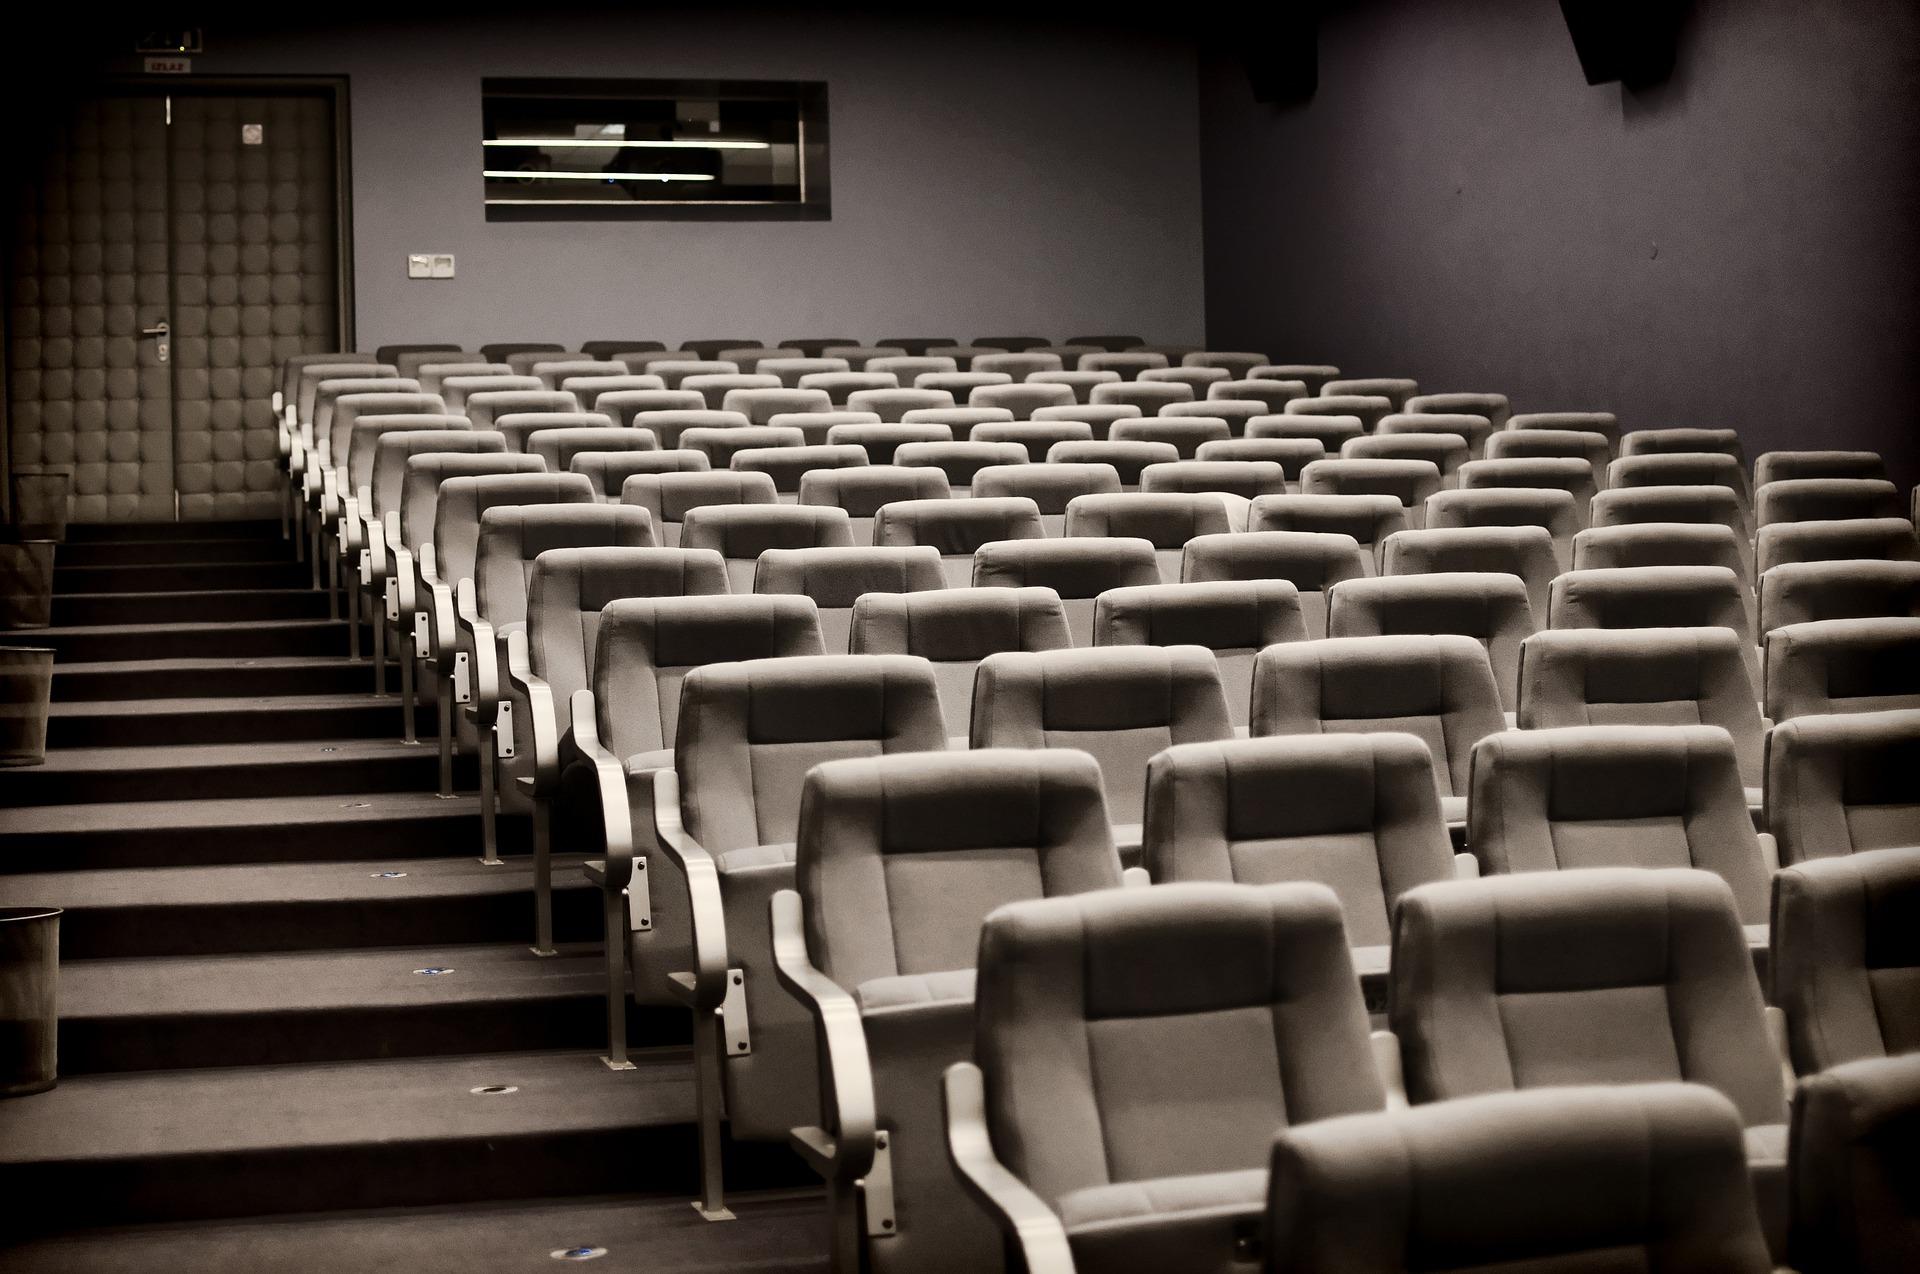 デメリット②:座席予約できない映画館がある